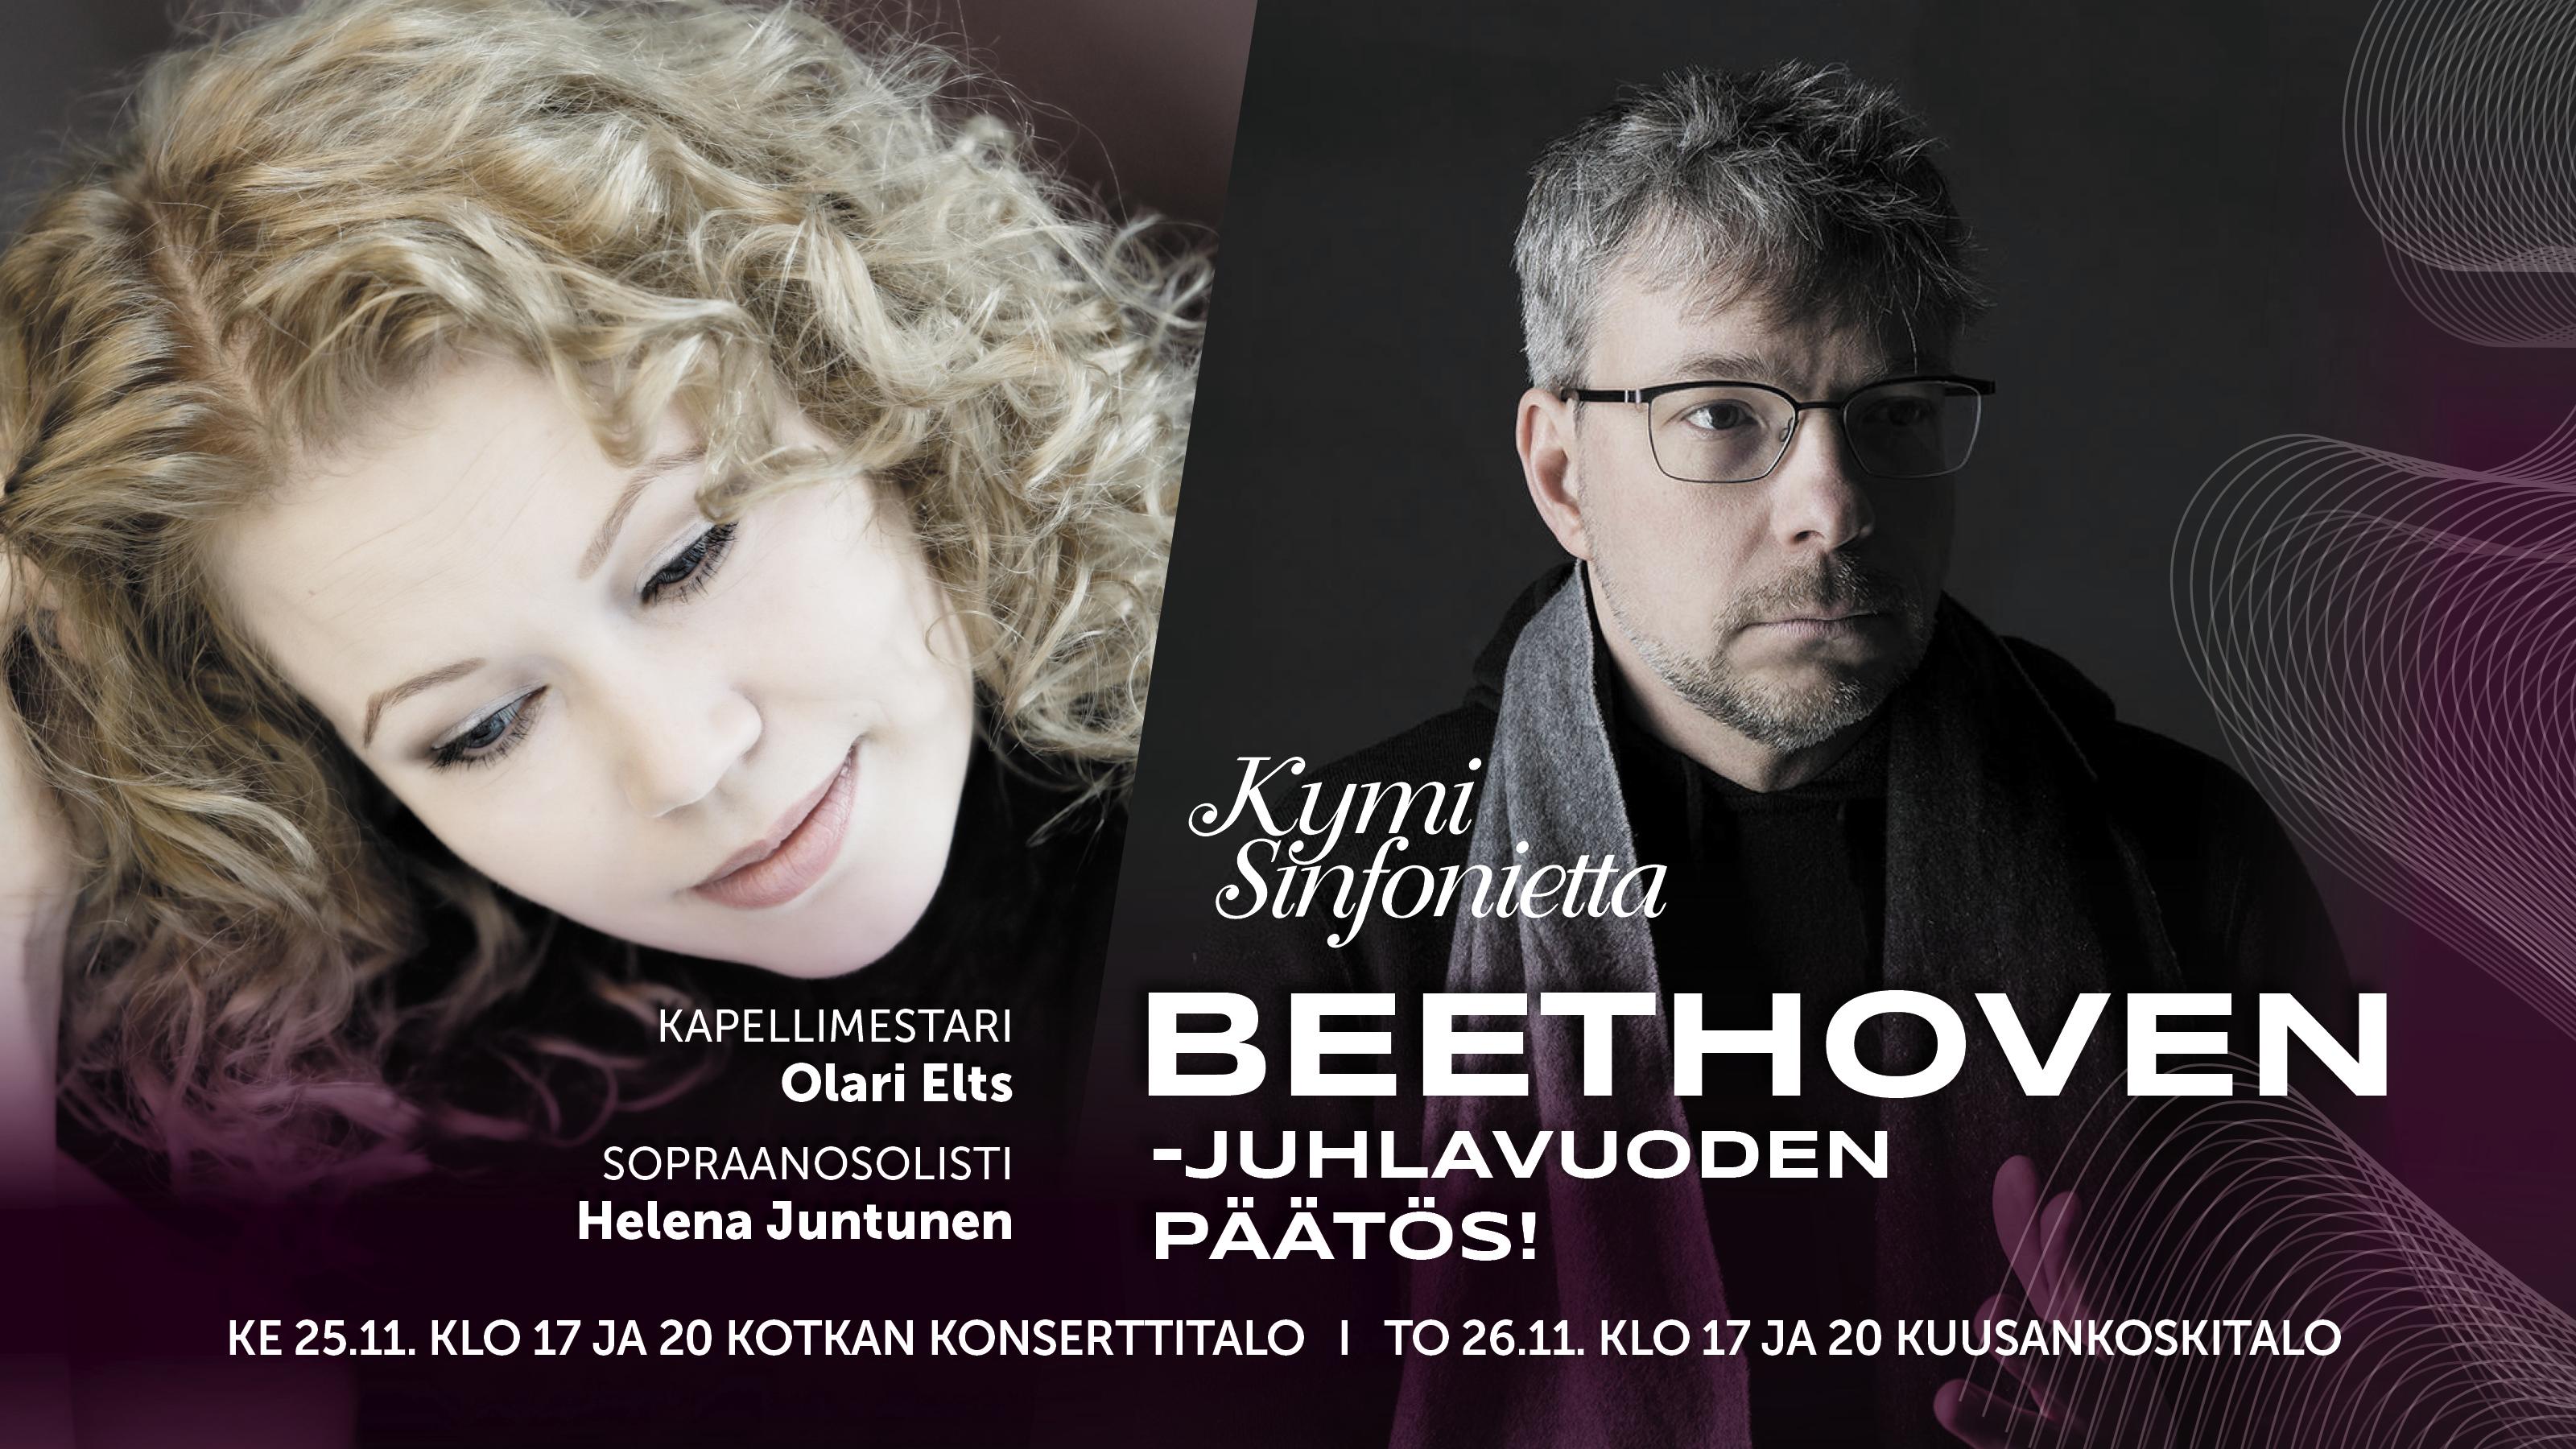 Kymi Sinfonietta: Beethoven-juhlavuoden päätös!